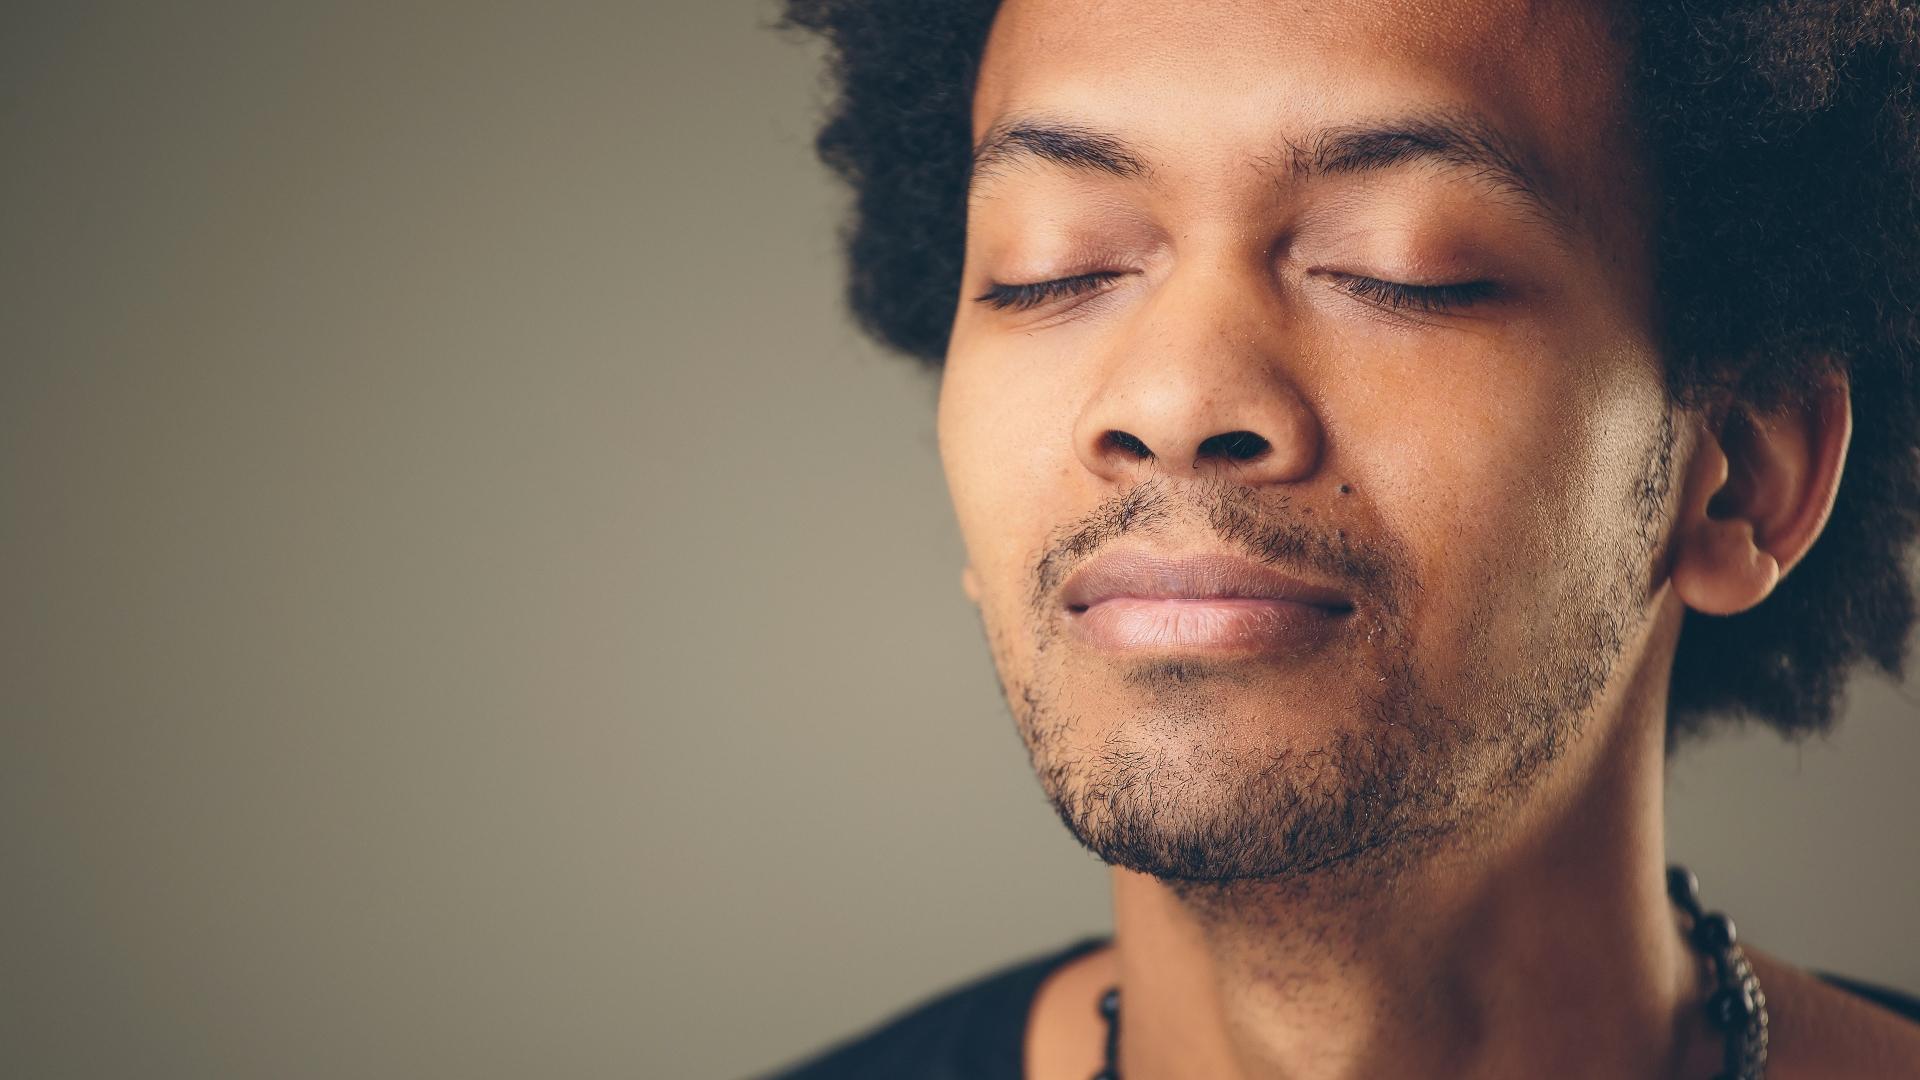 Дыхание человека способно влиять на страх и память